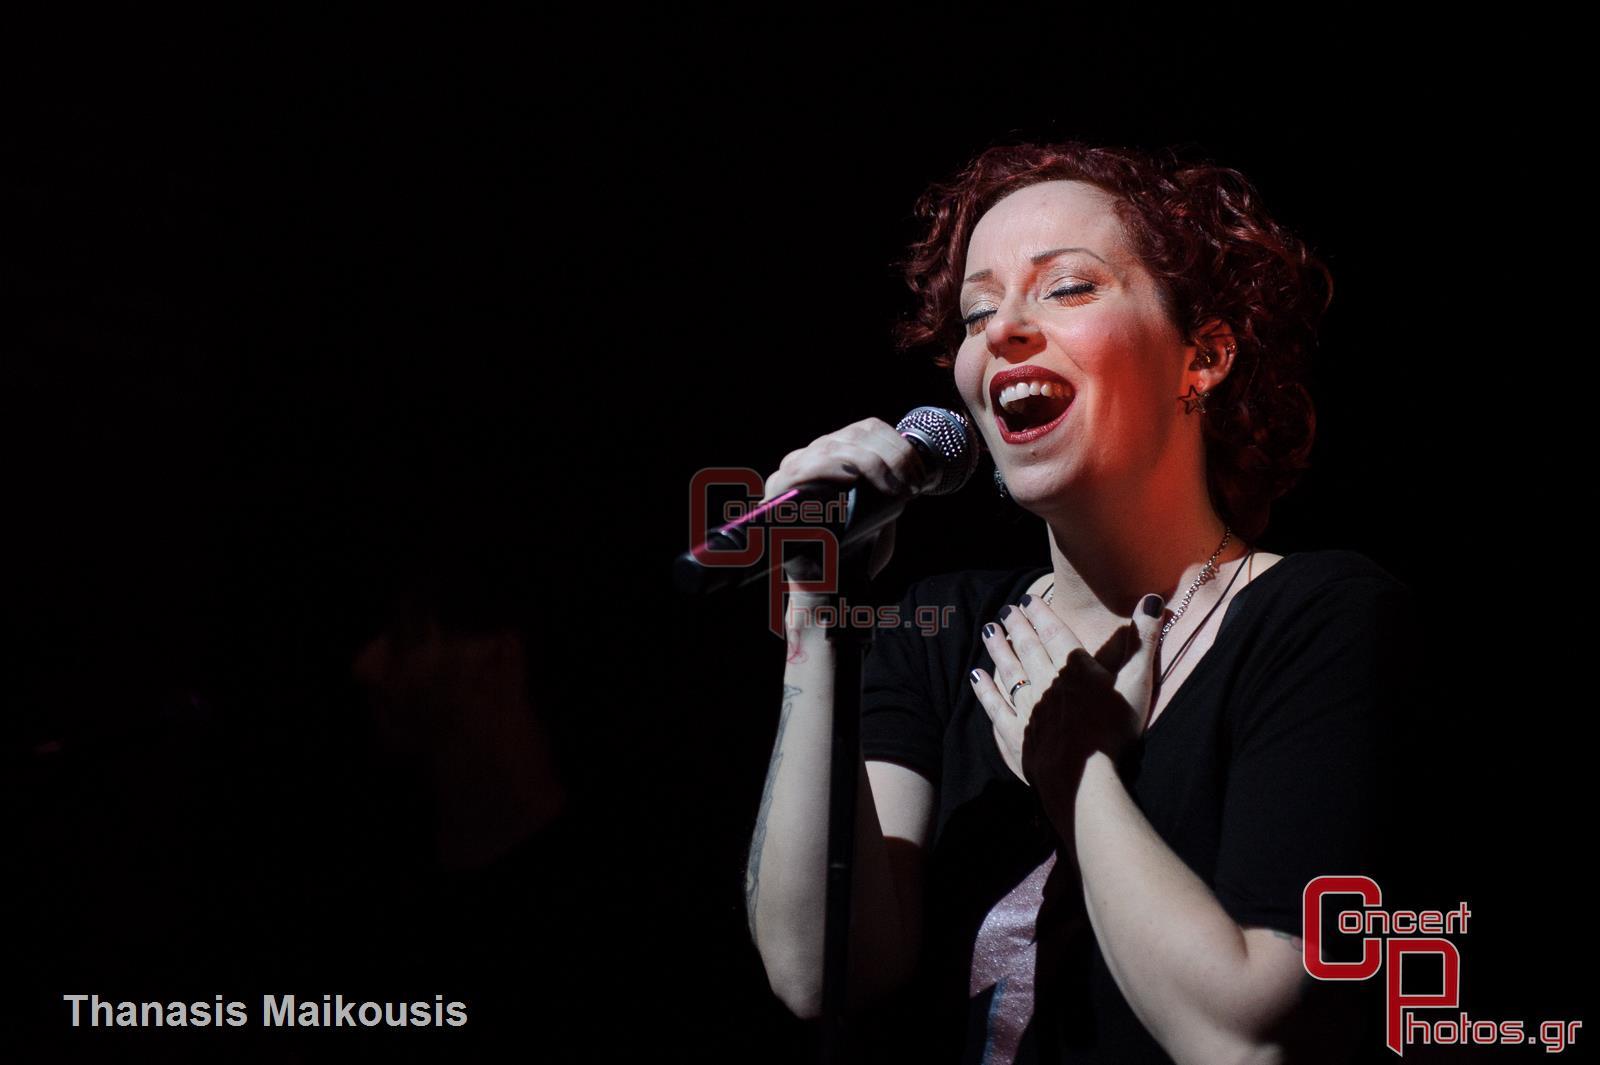 Anneke van Giersbergen-Anneke van Giersbergen photographer: Thanasis Maikousis - ConcertPhotos-0434